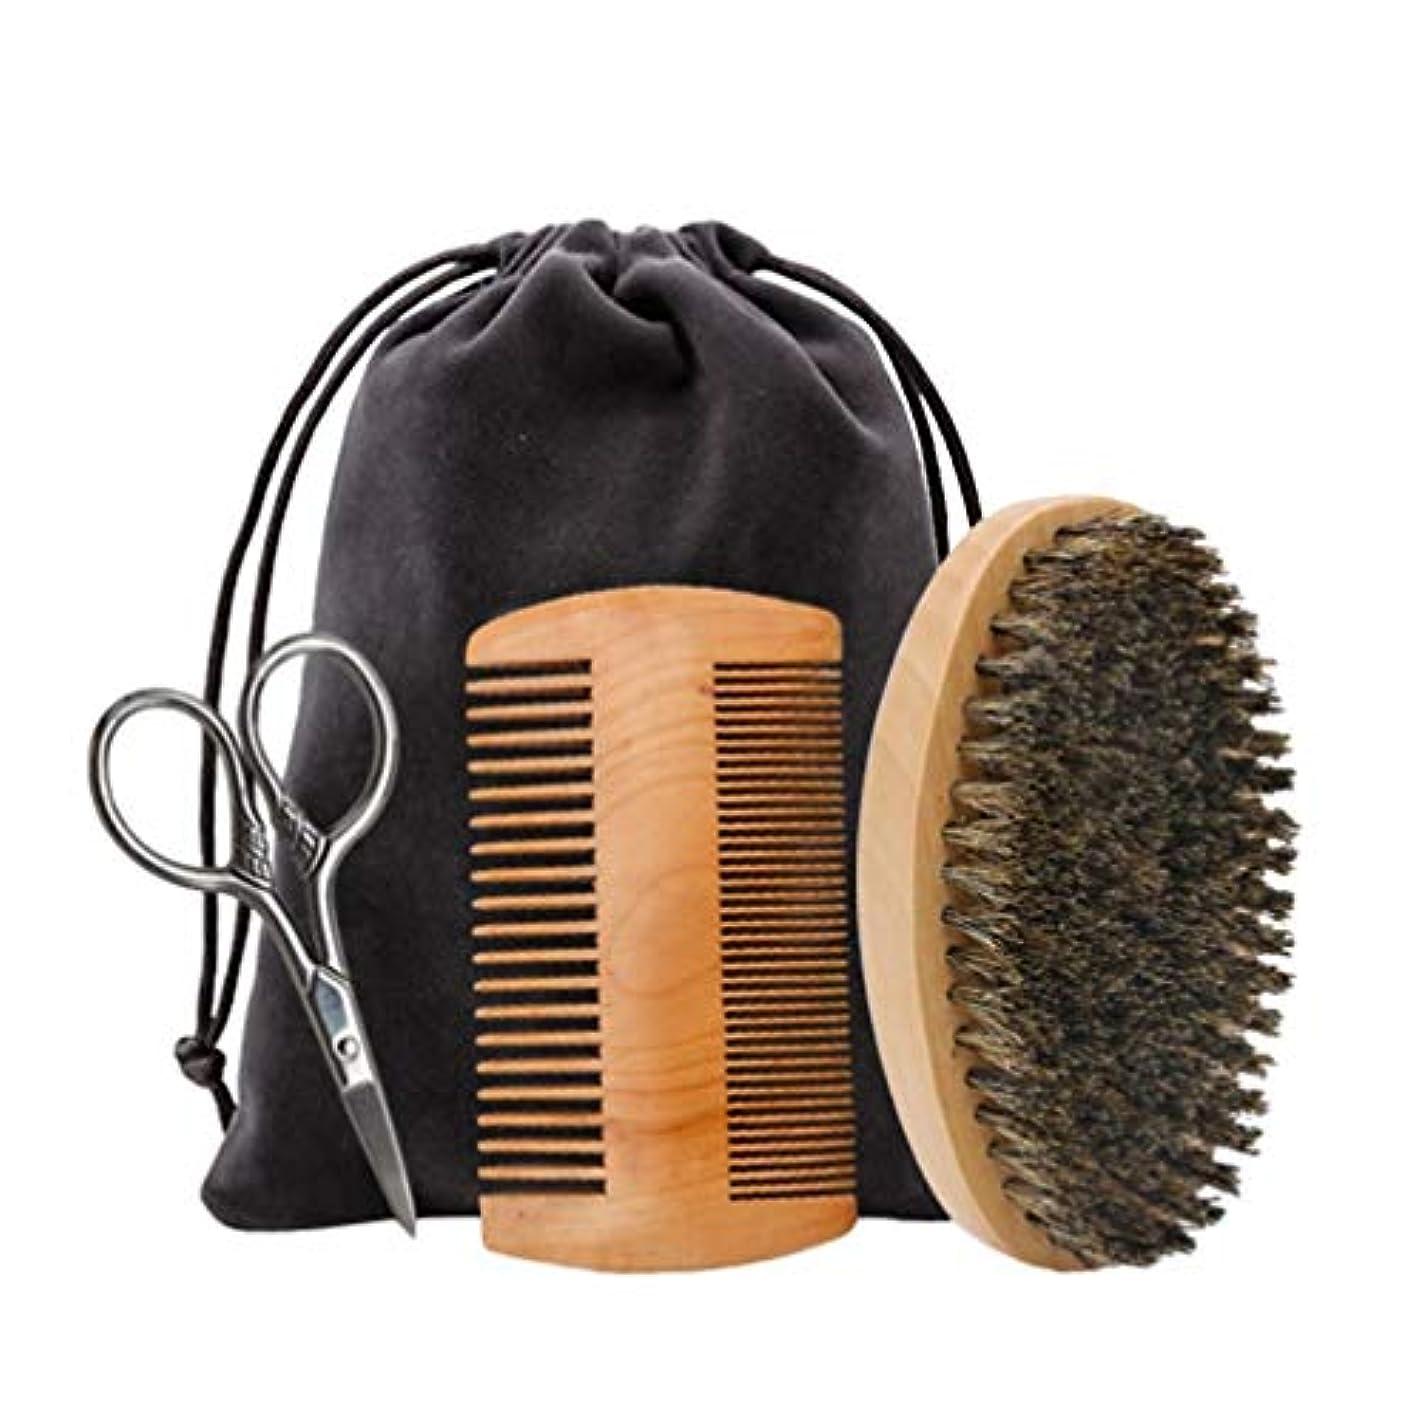 ケーブルカーお金ゴム理容室HEALLILY ひげ口ひげグルーミングトリミングキットひげブラシウッドコームステンレススチールハサミ、メンズシェーピング1セット